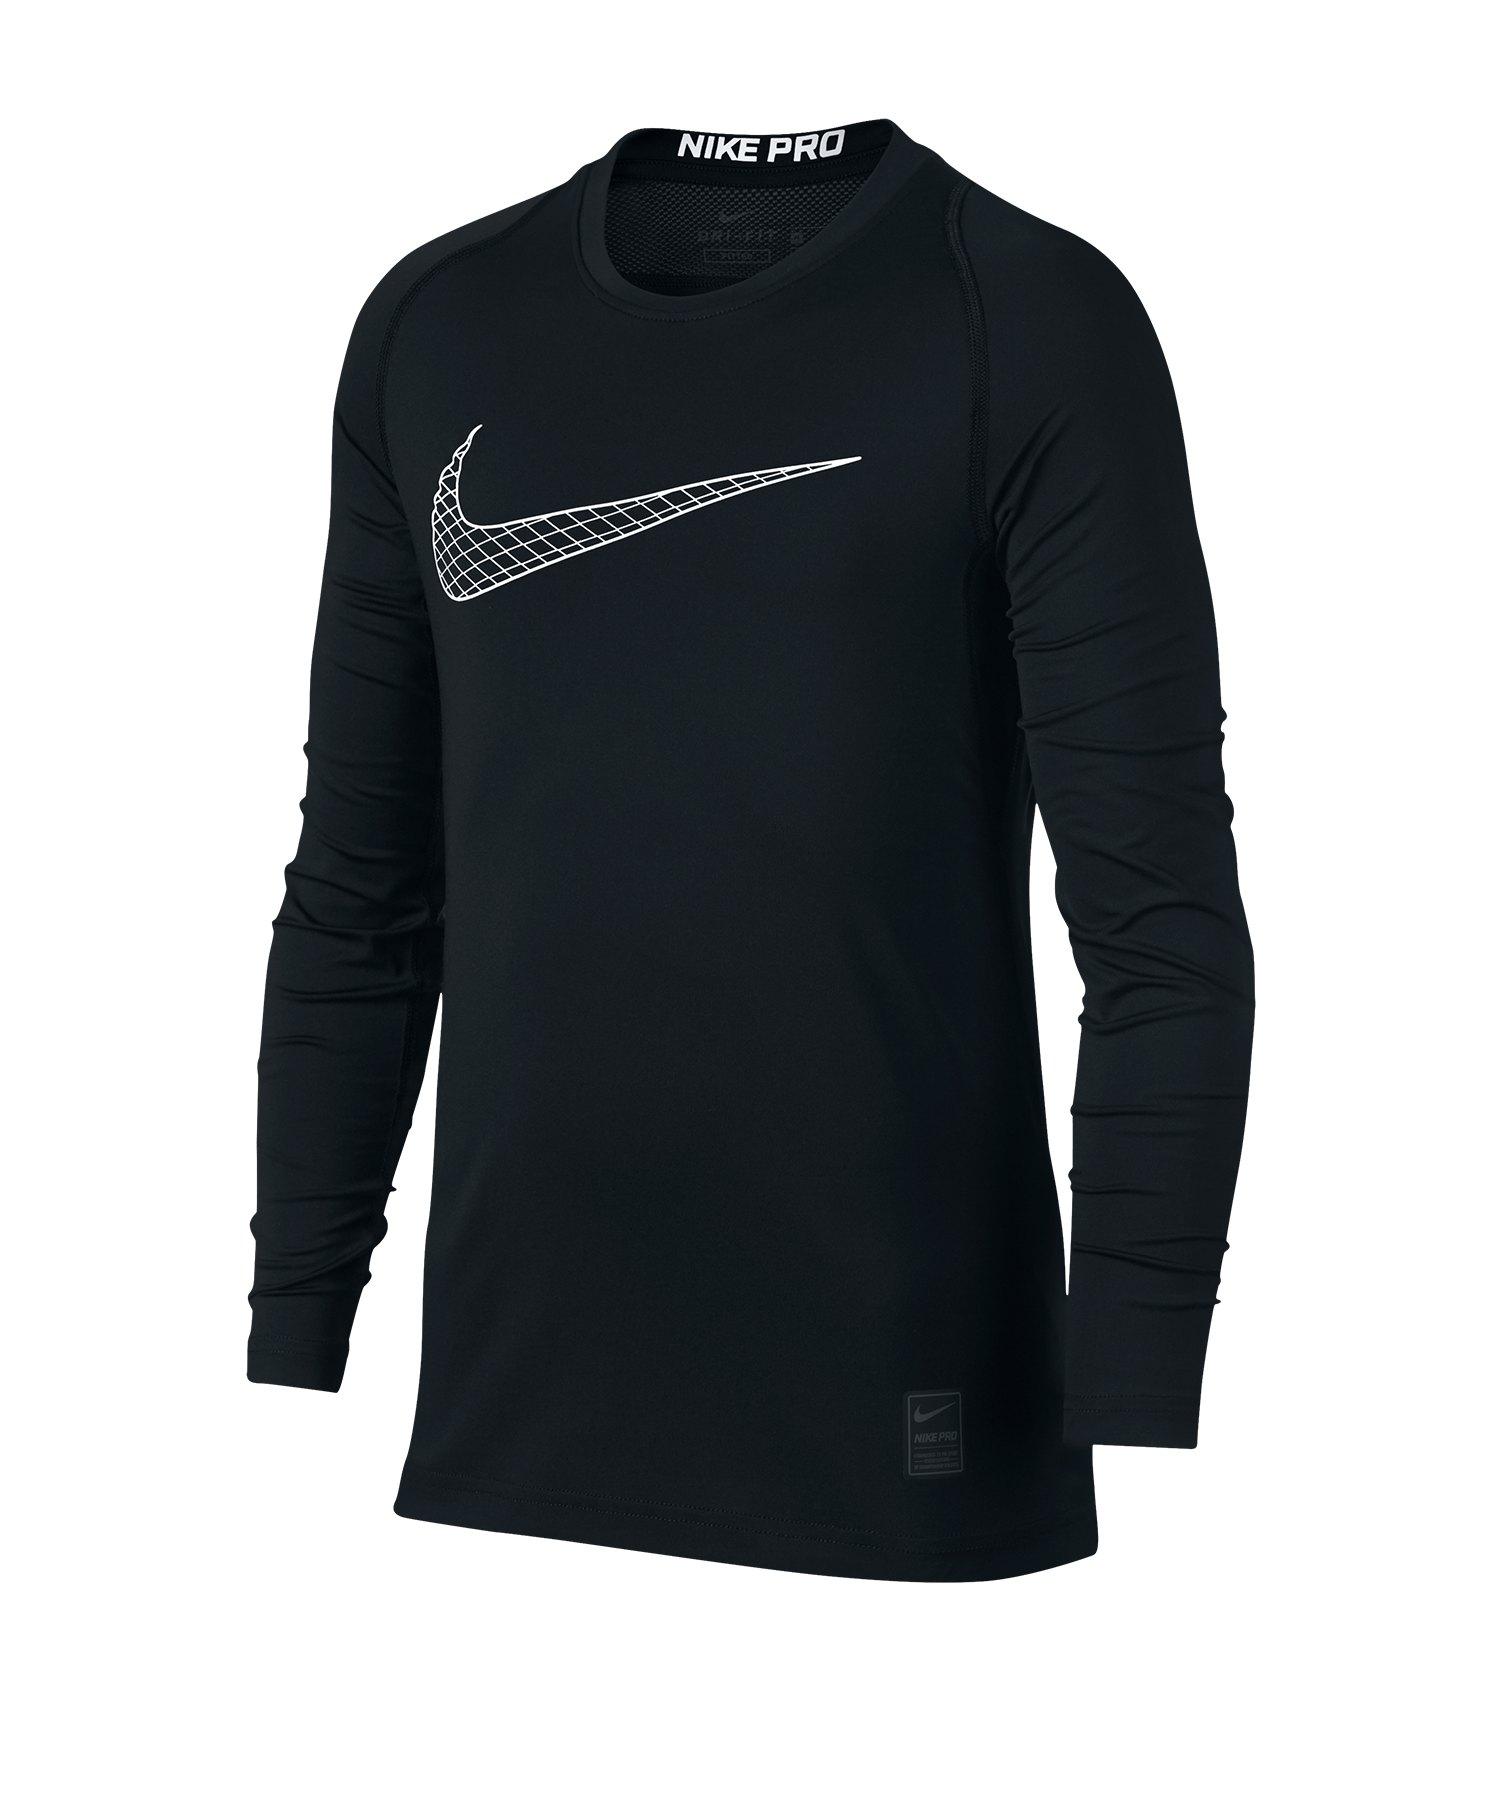 Nike Pro Training Top Kids Schwarz Weiss F011 - schwarz